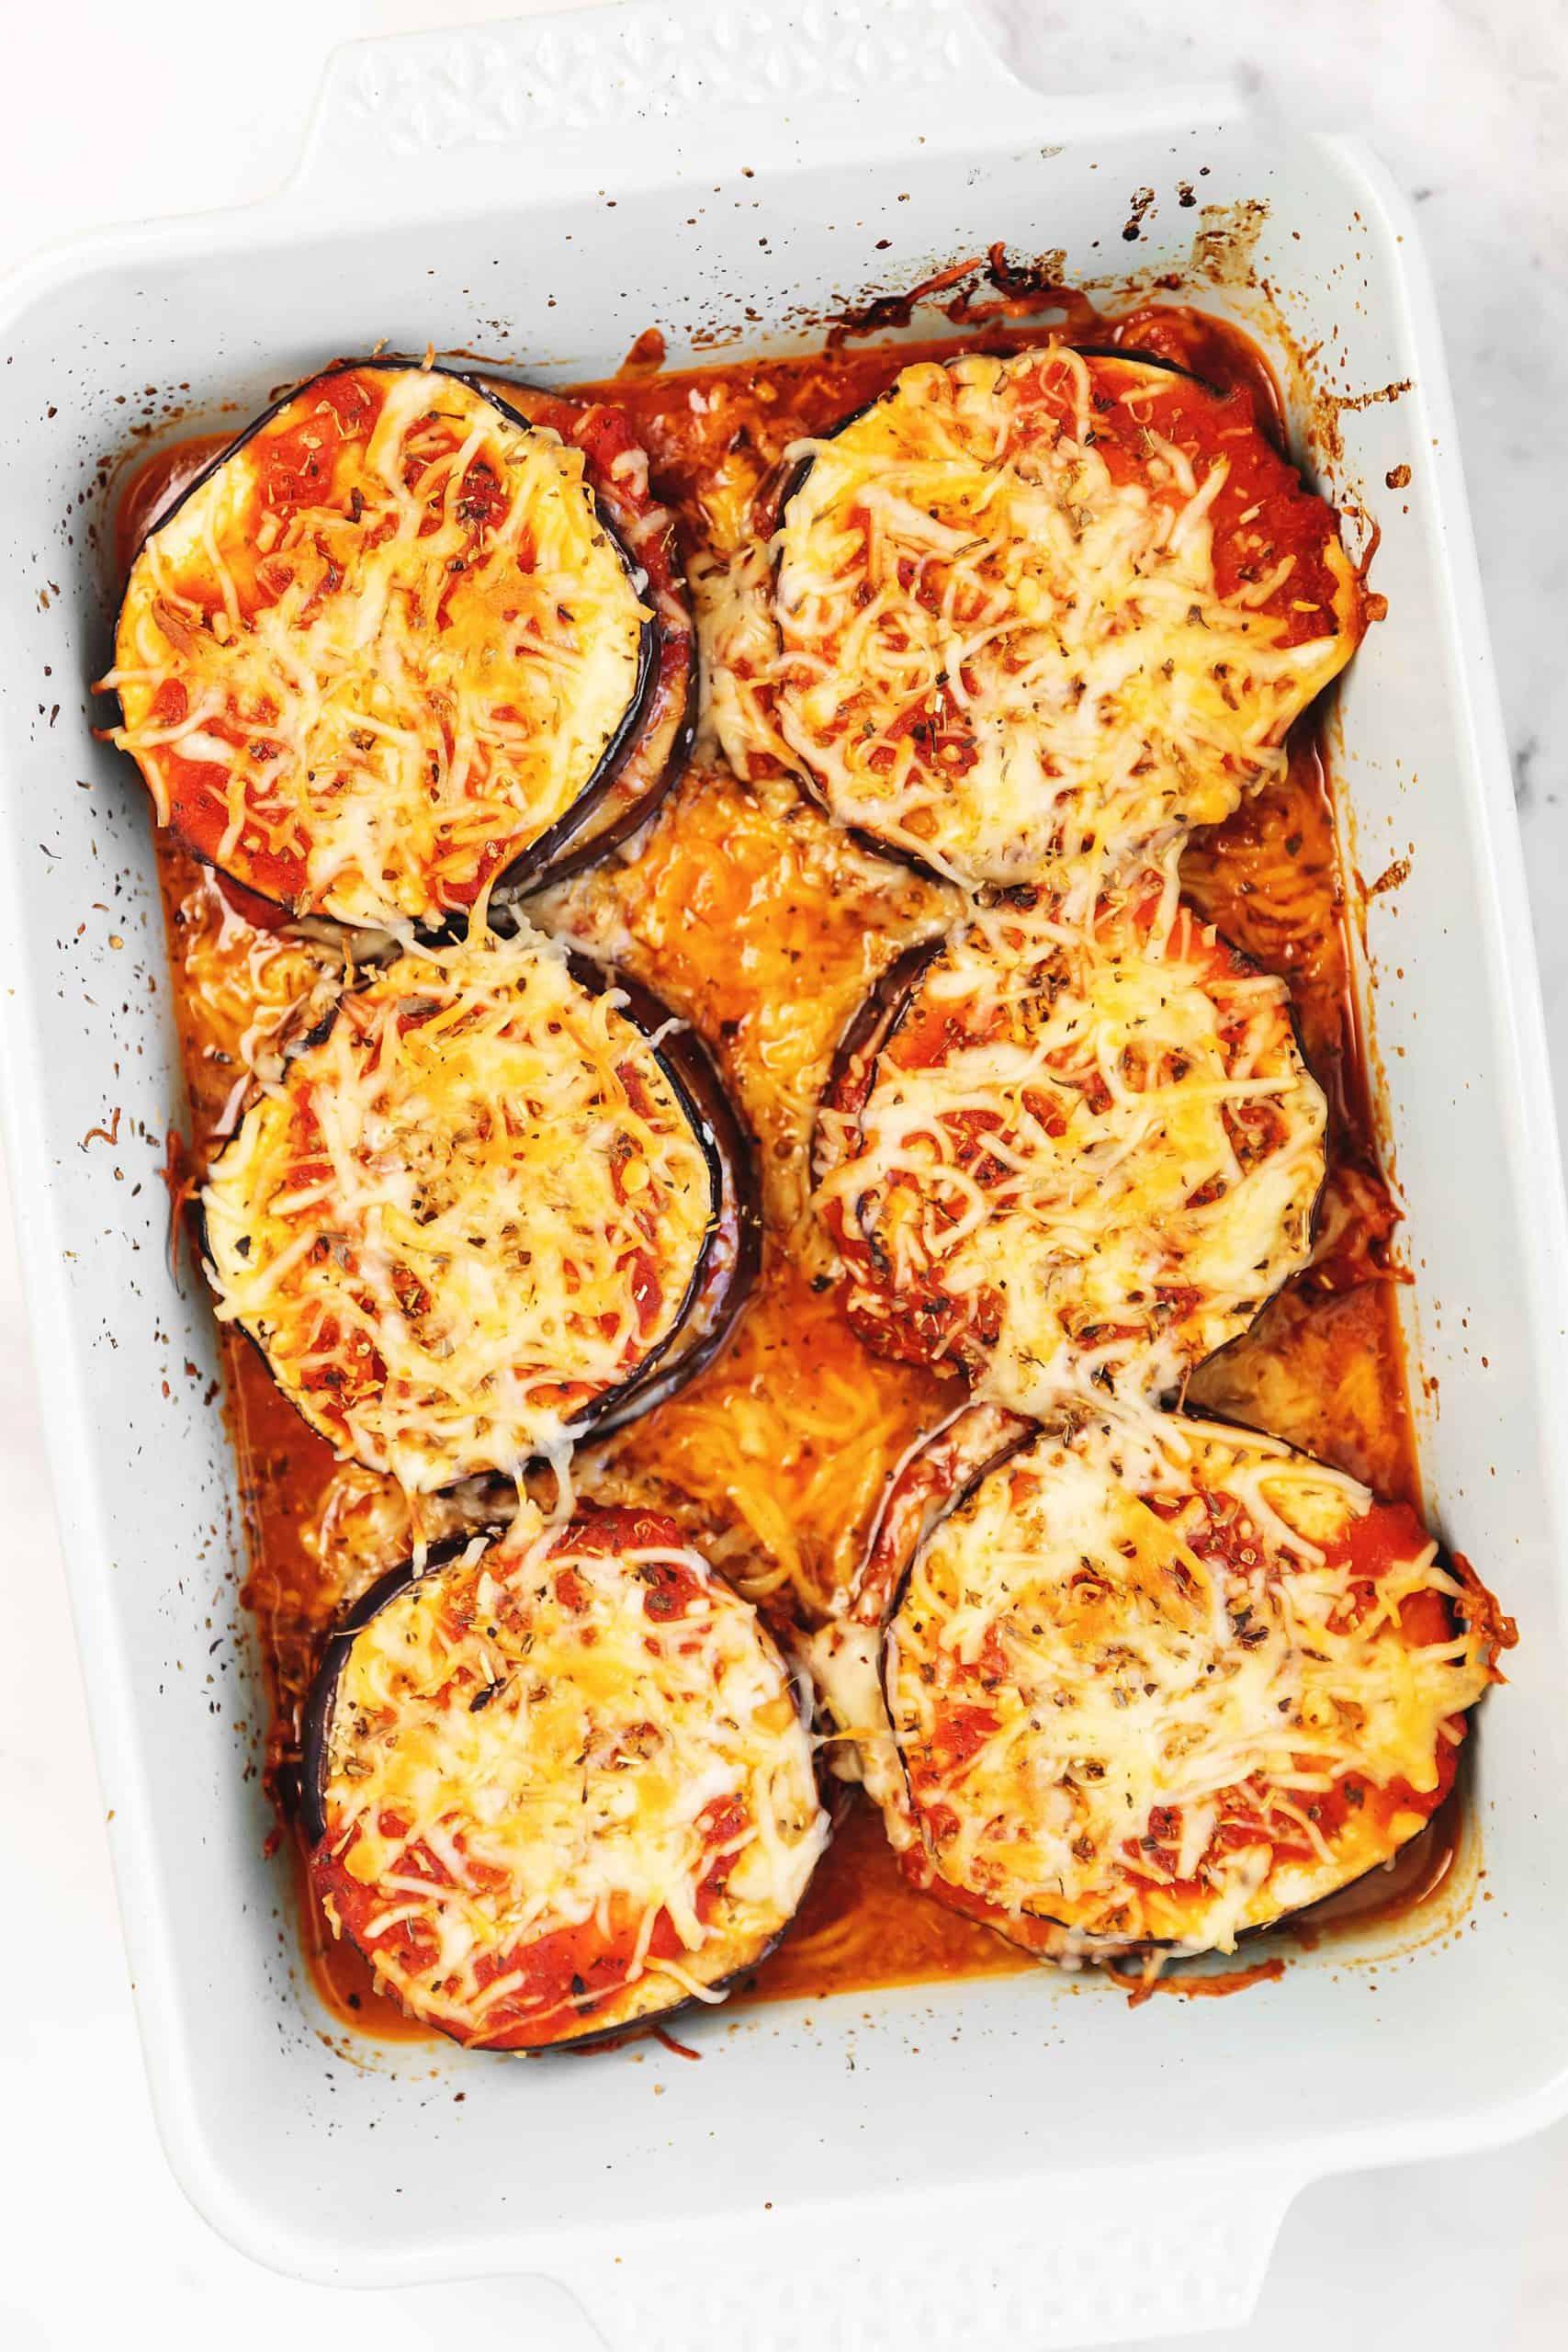 keto eggplant parmesan in a casserole dish